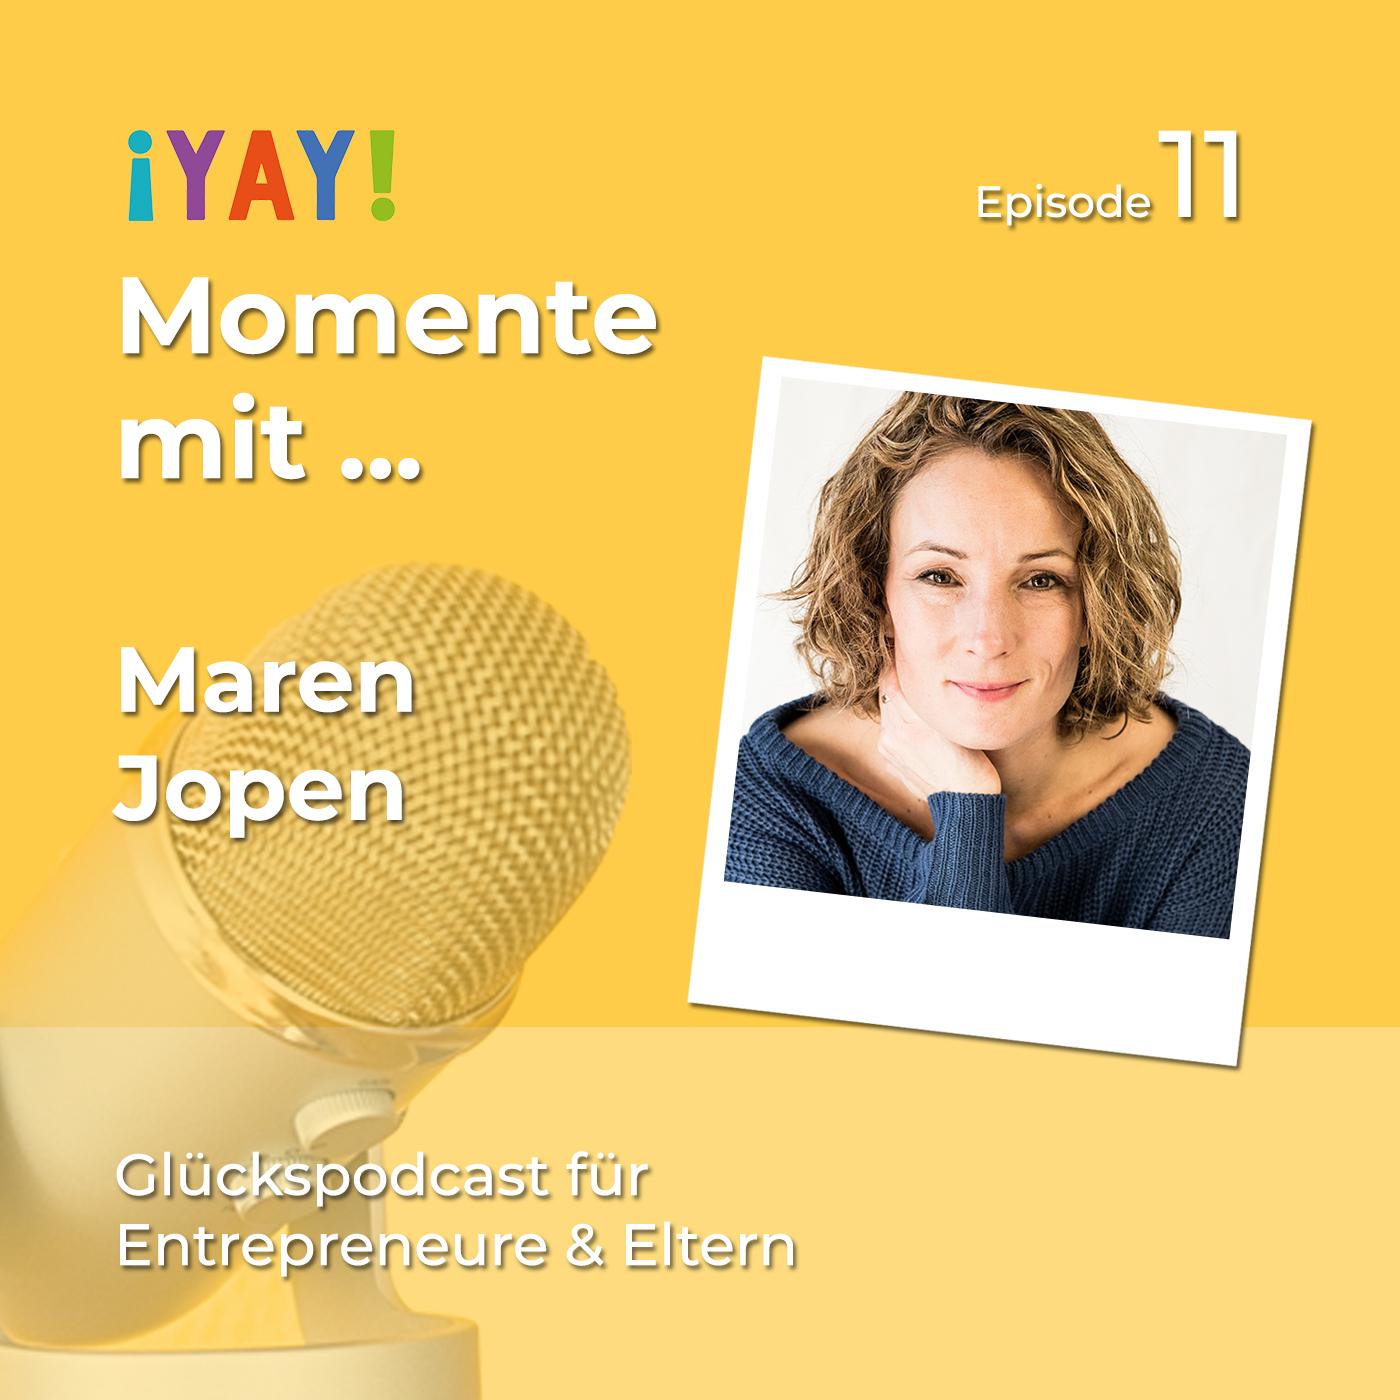 Episode 11: Yay-Momente mit... Gründerinnen-Entdeckerin Maren